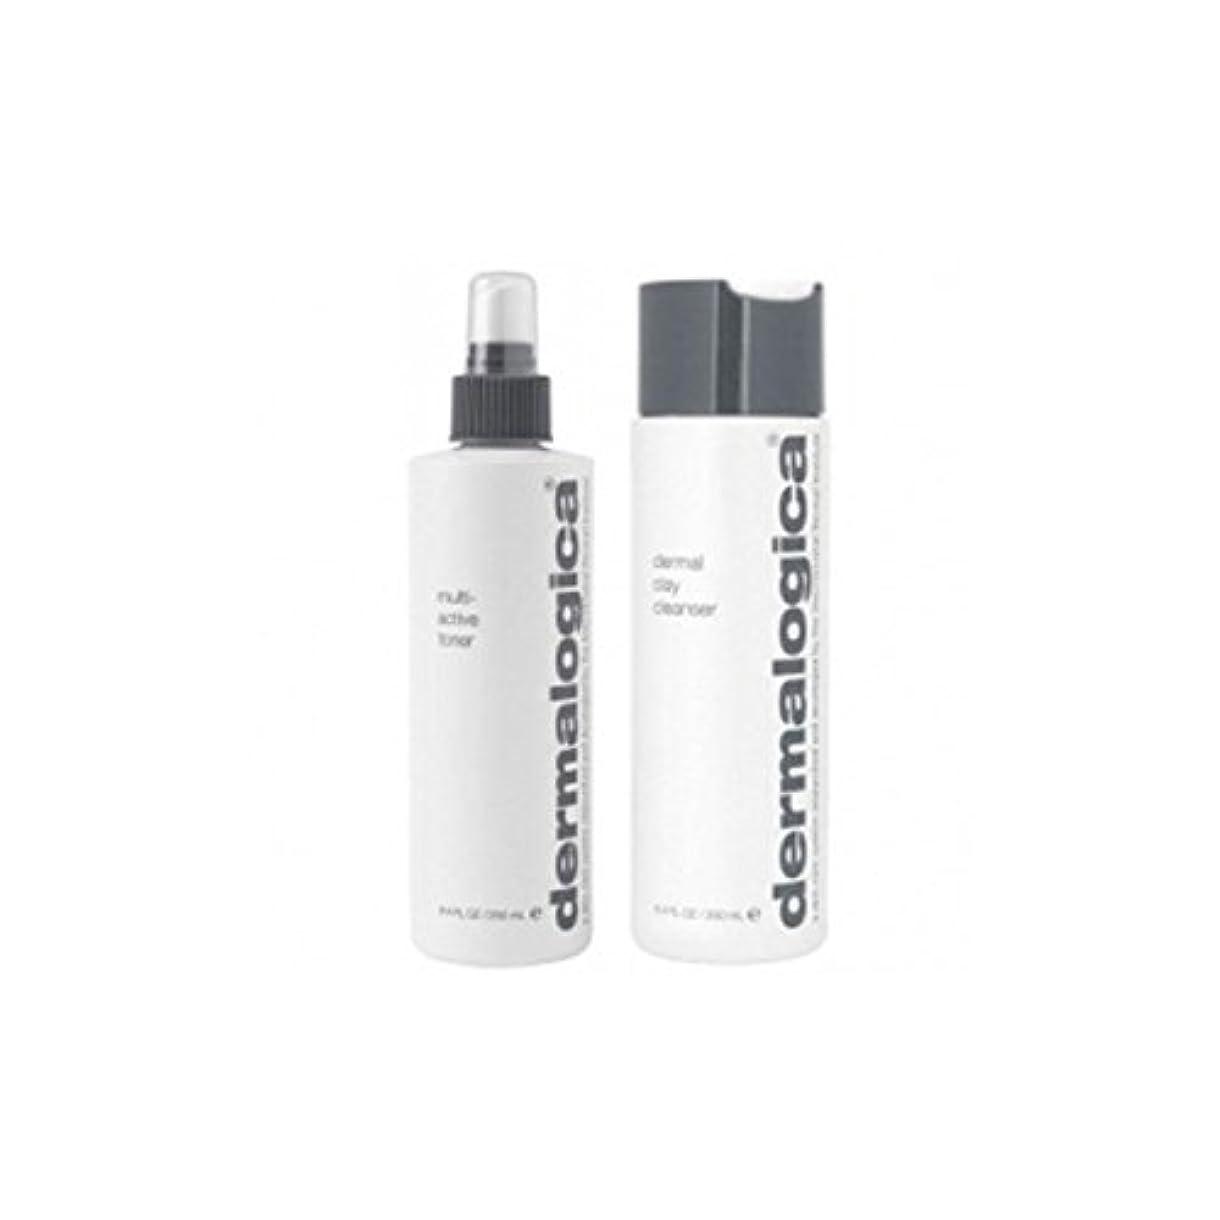 マナー受け入れる温帯Dermalogica Cleanse & Tone Duo - Oily Skin (2 Products) - ダーマロジカクレンジング&トーンデュオ - 脂性肌(2製品) [並行輸入品]